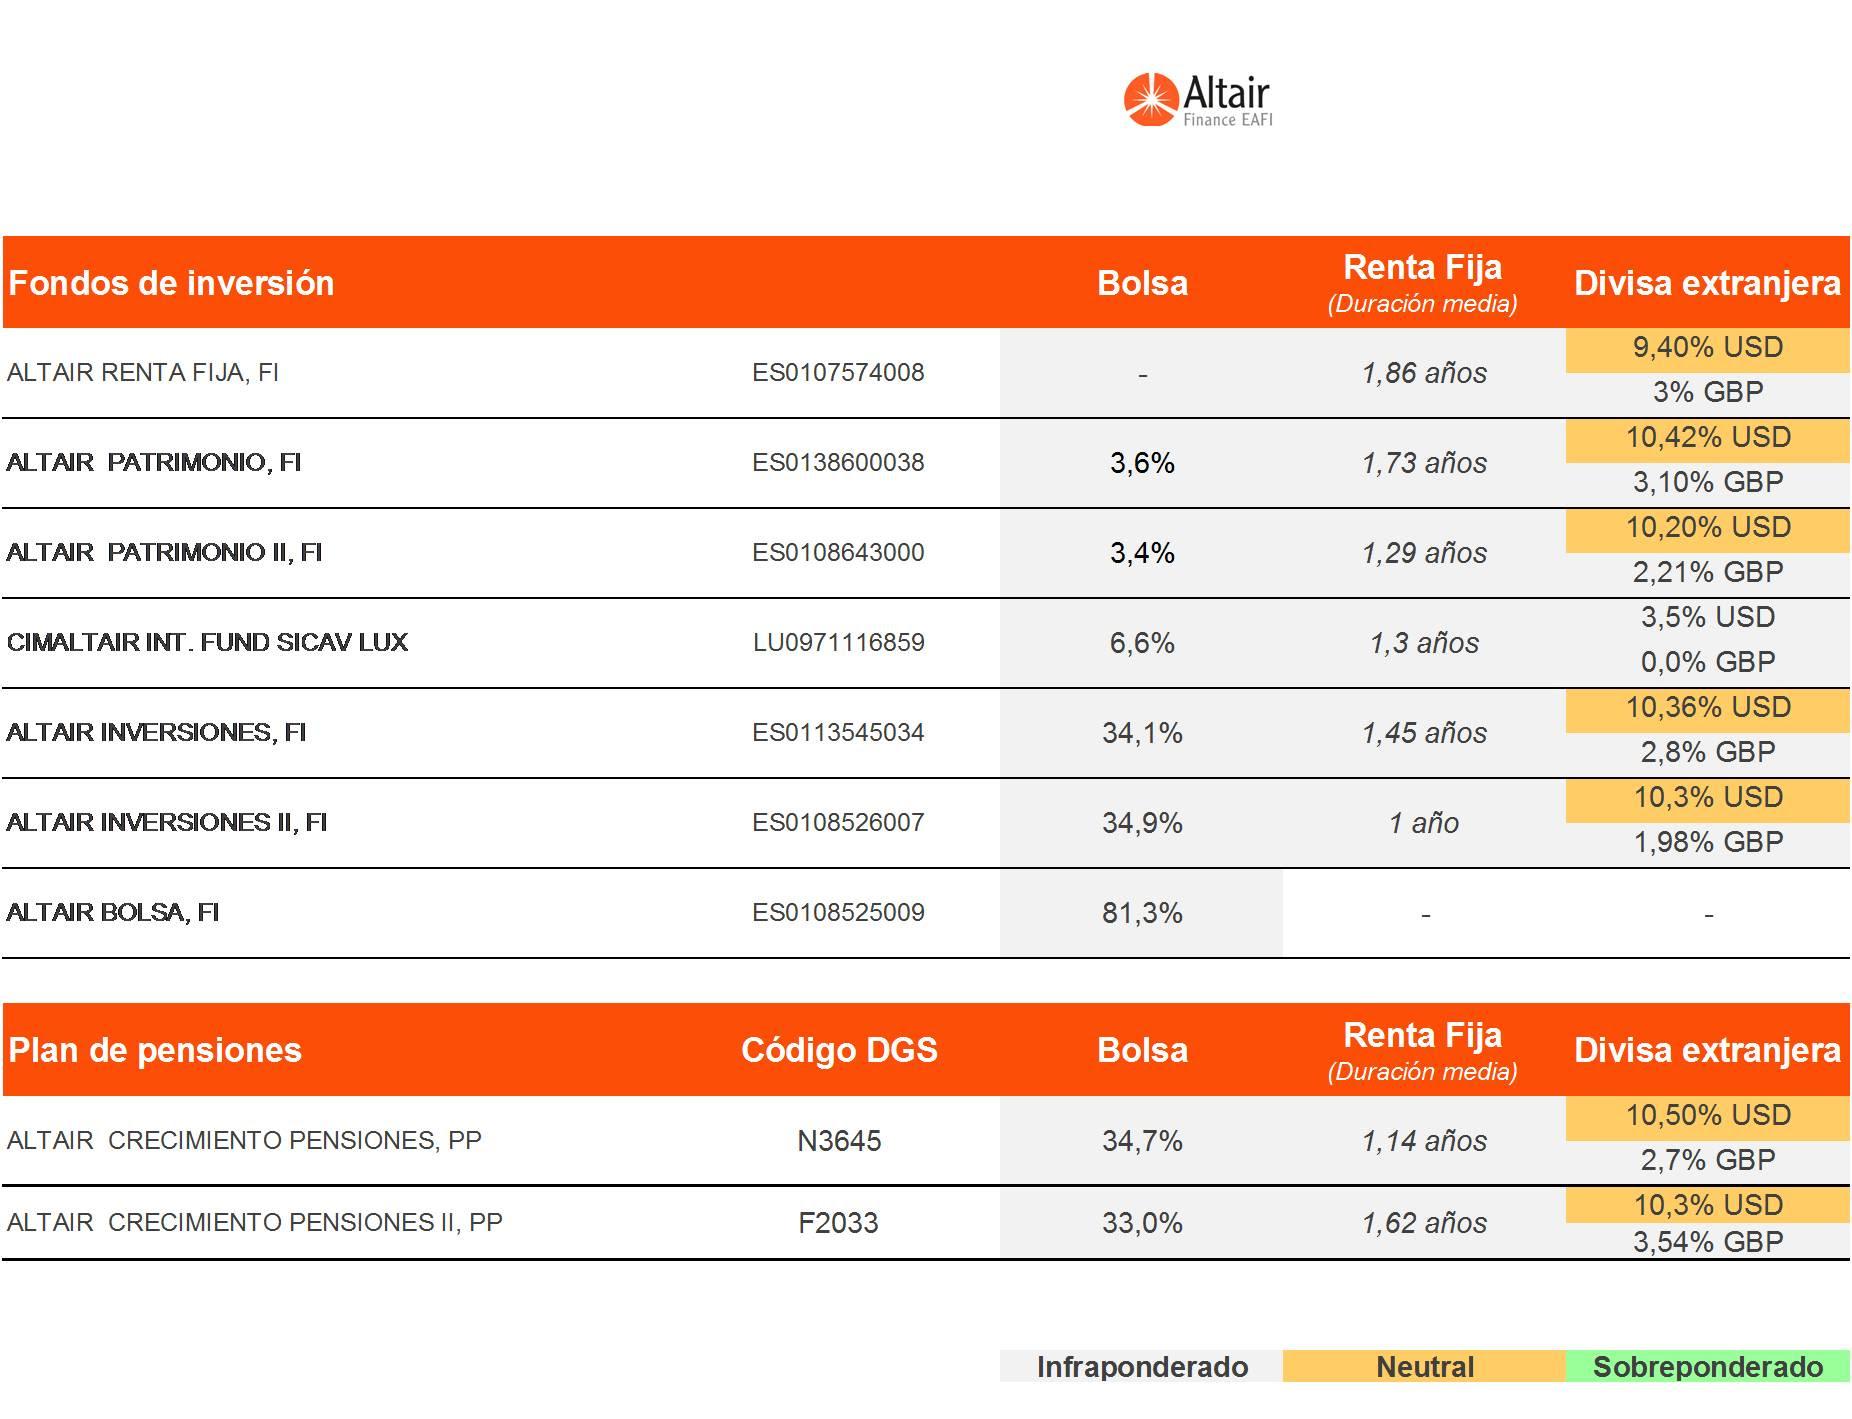 cuadro-de-posicionamiento-de-los-fondos-asesorados-por-Altair-Finance-a-15-de-septiembre-de-2016